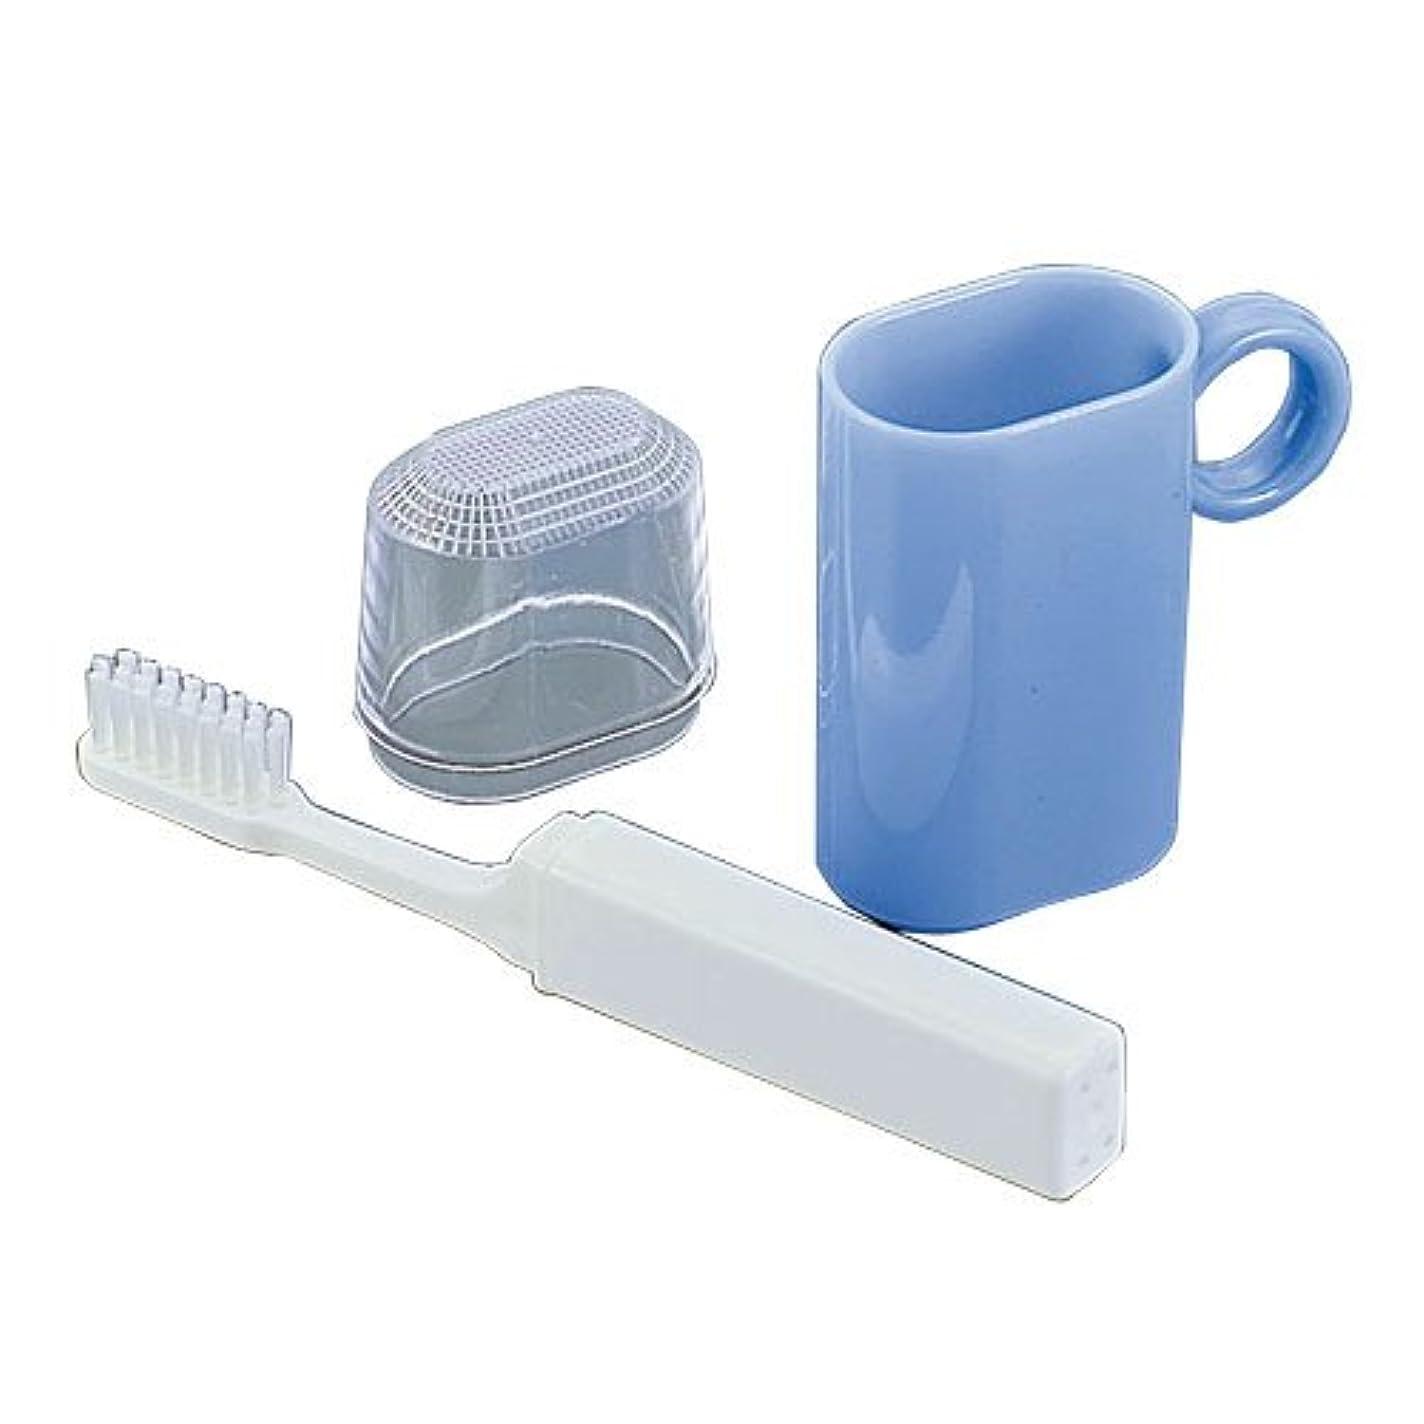 ソロオンテラスコップ付歯ブラシセット ブルー